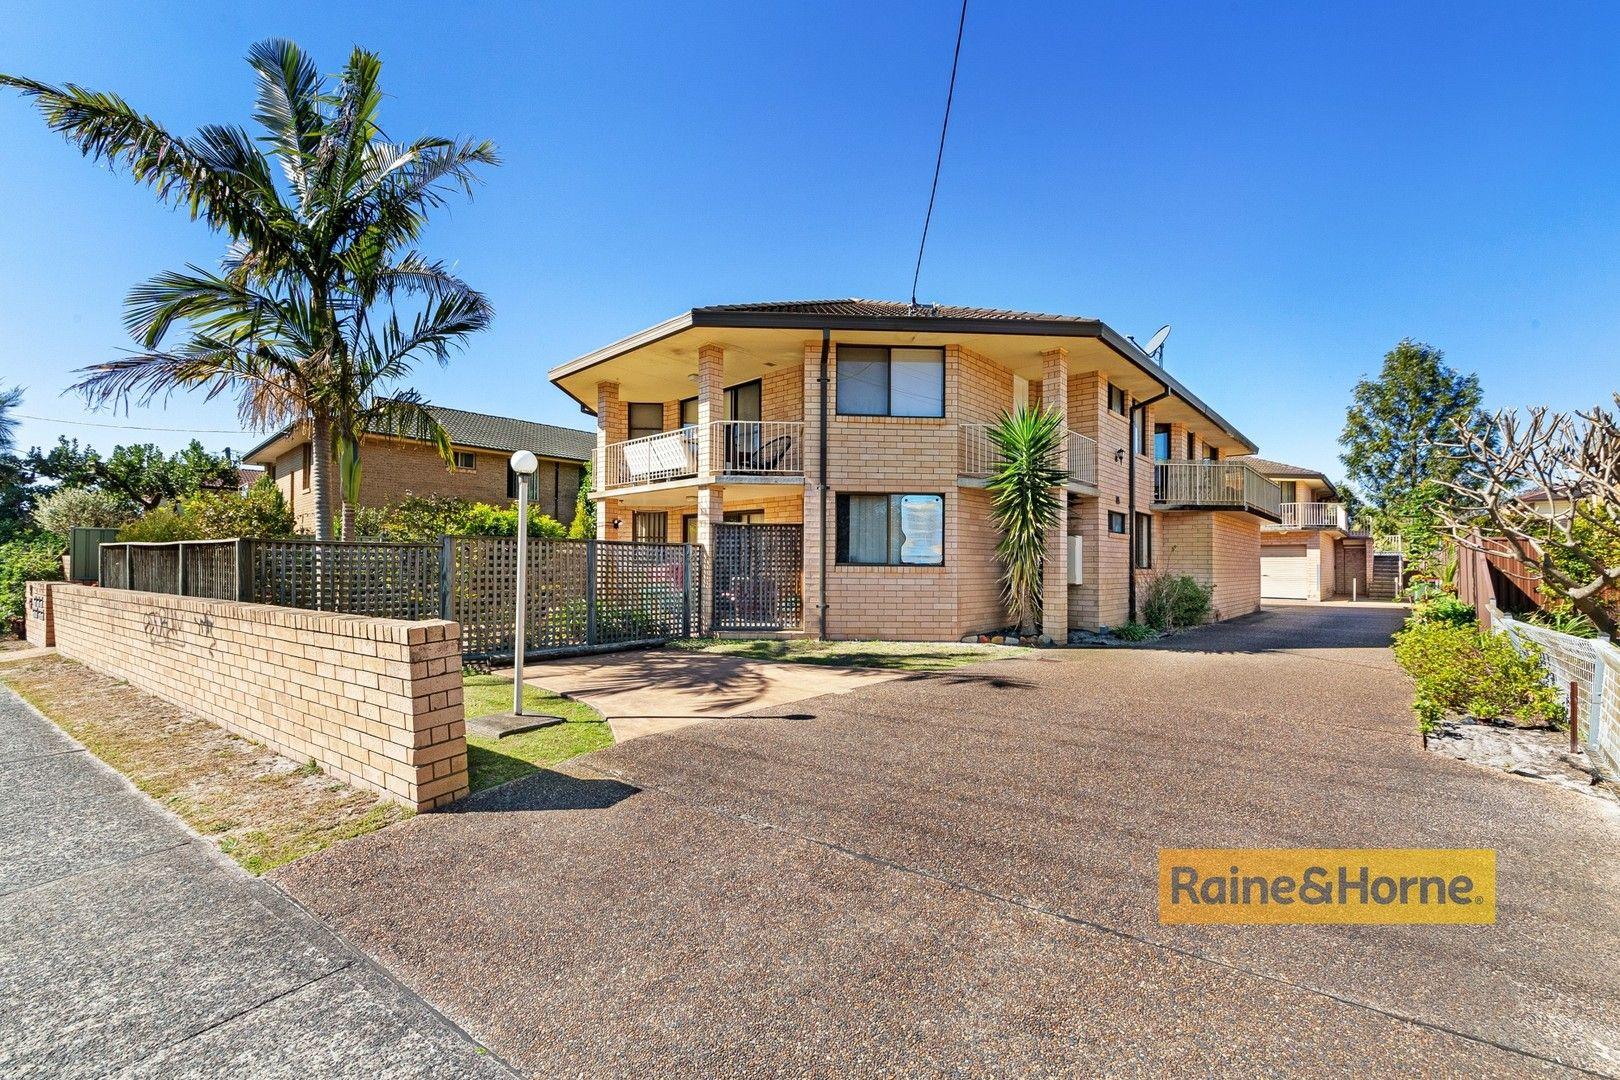 5/92 Railway Street, Woy Woy NSW 2256, Image 0